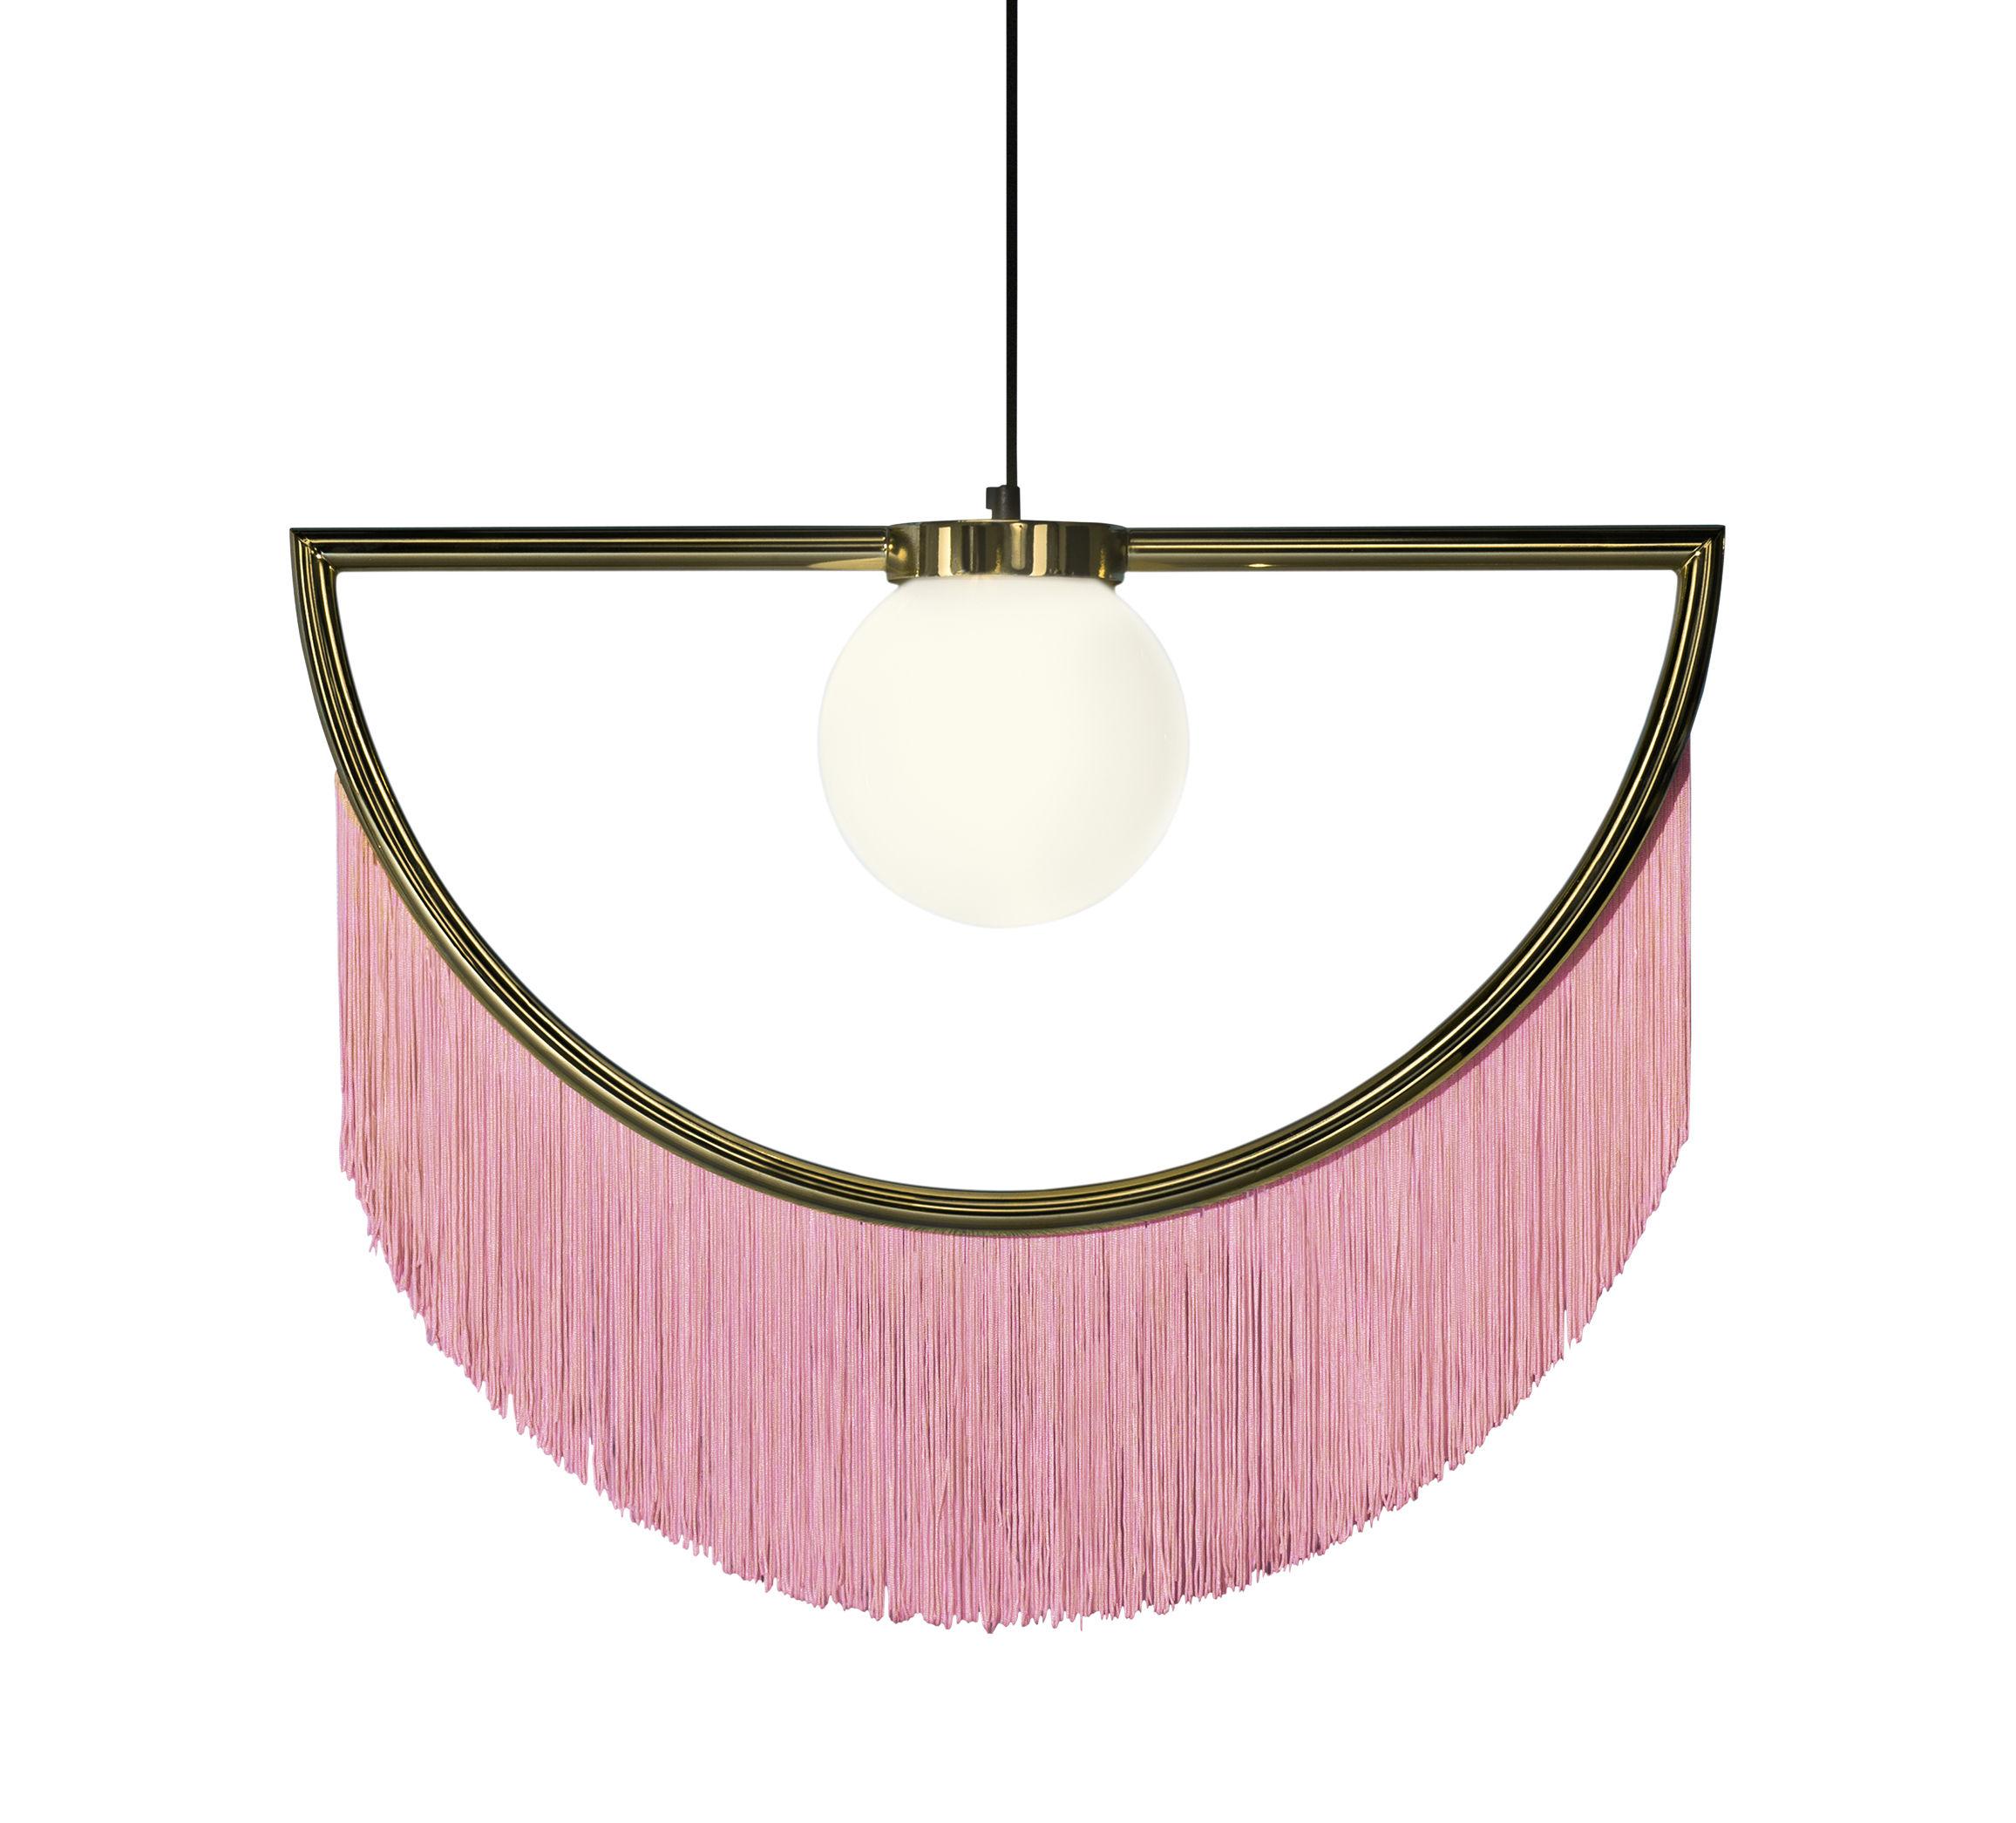 Illuminazione - Lampadari - Sospensione Wink - / Frangia - L 60 cm di Houtique - Rosa / Oro - Acciaio con finitura in oro 24 carati, Acrilico, PVC, Vetro opalino